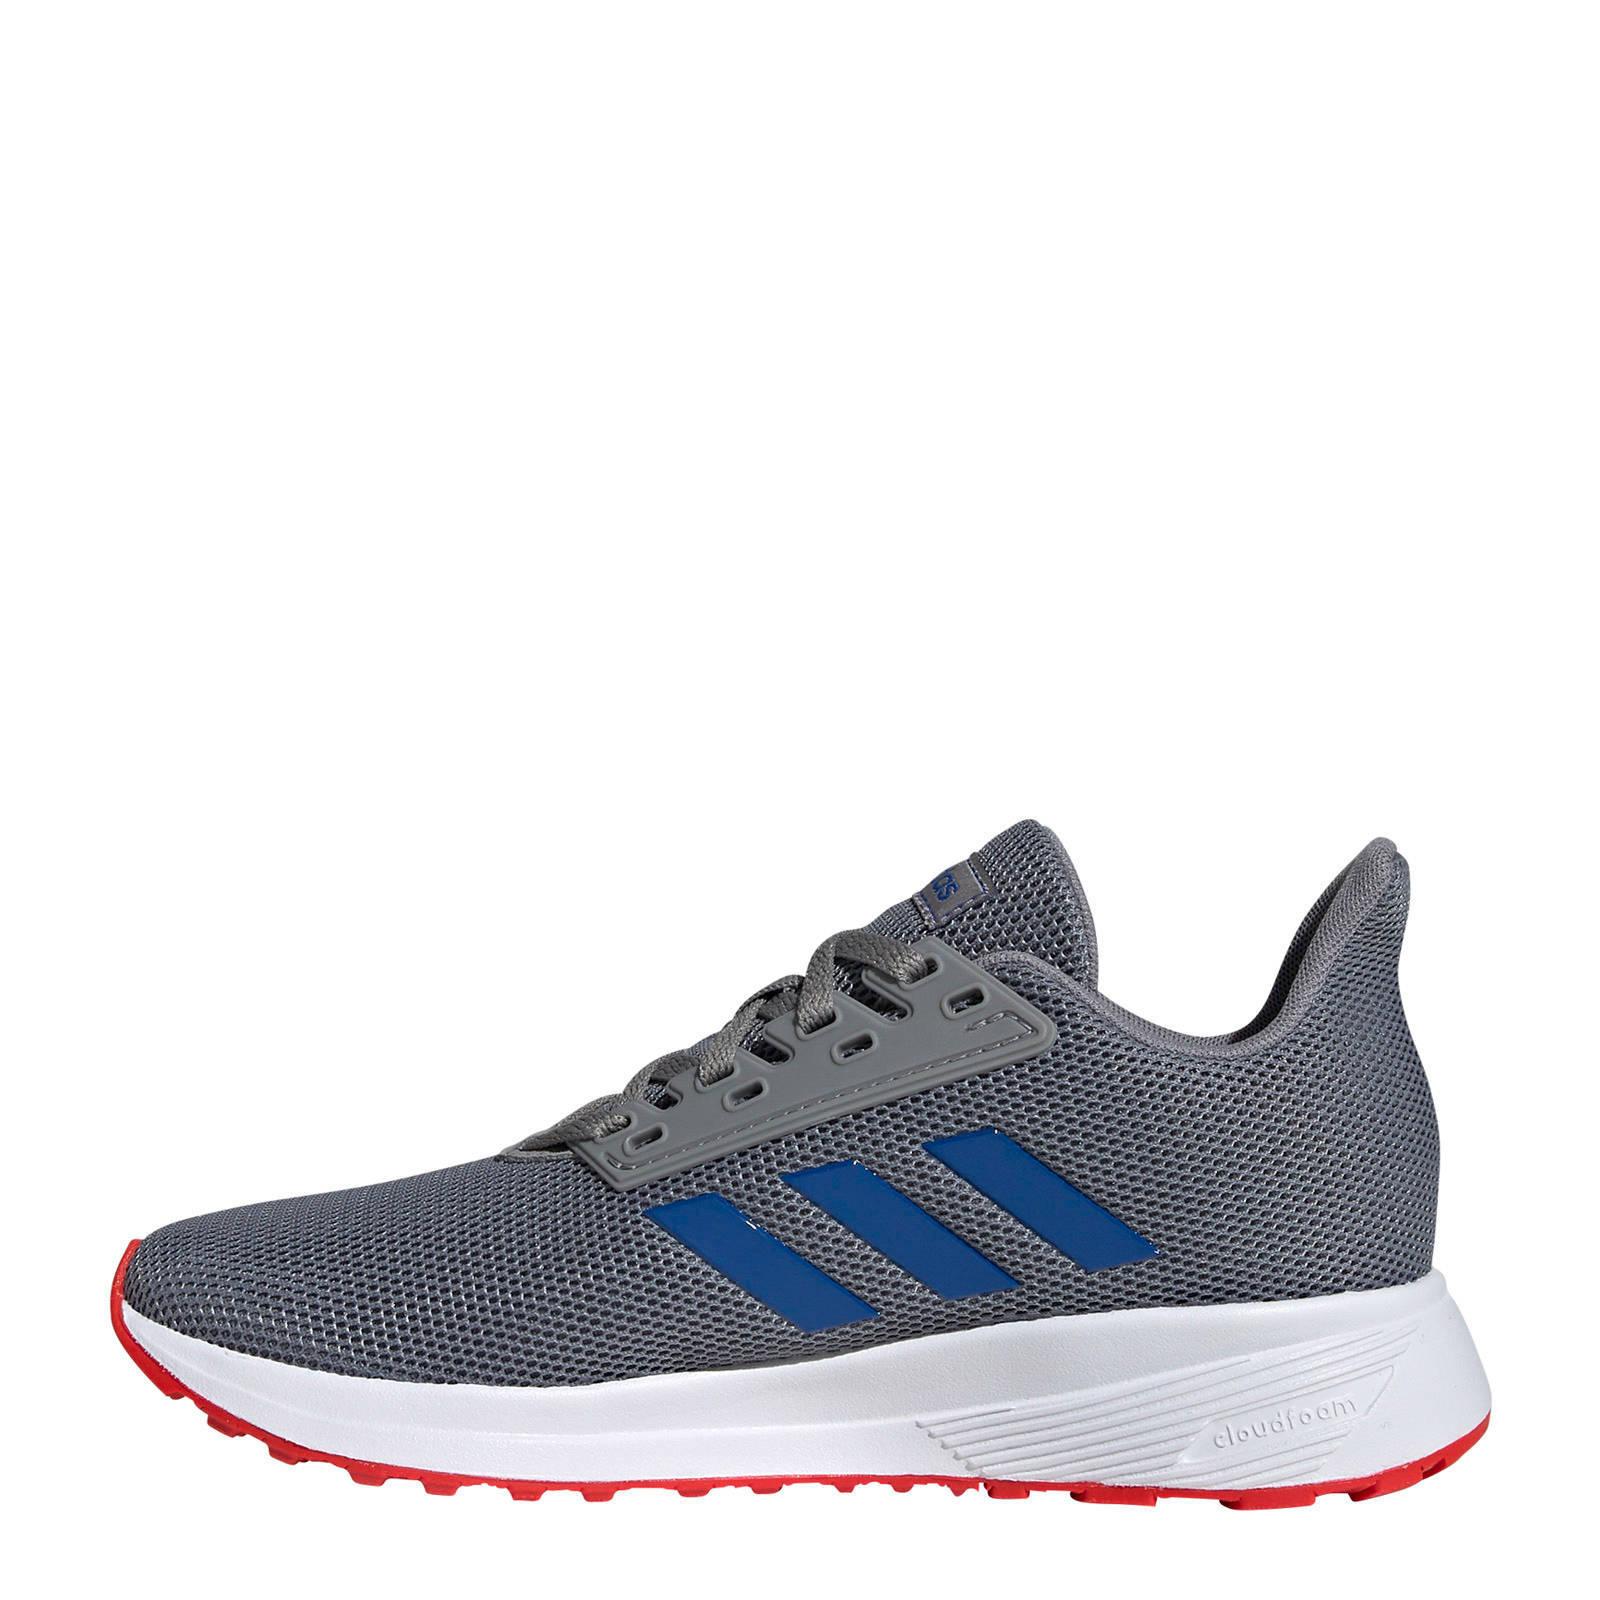 adidas Duramo 9 K hardloopschoenen grijsblauw kids